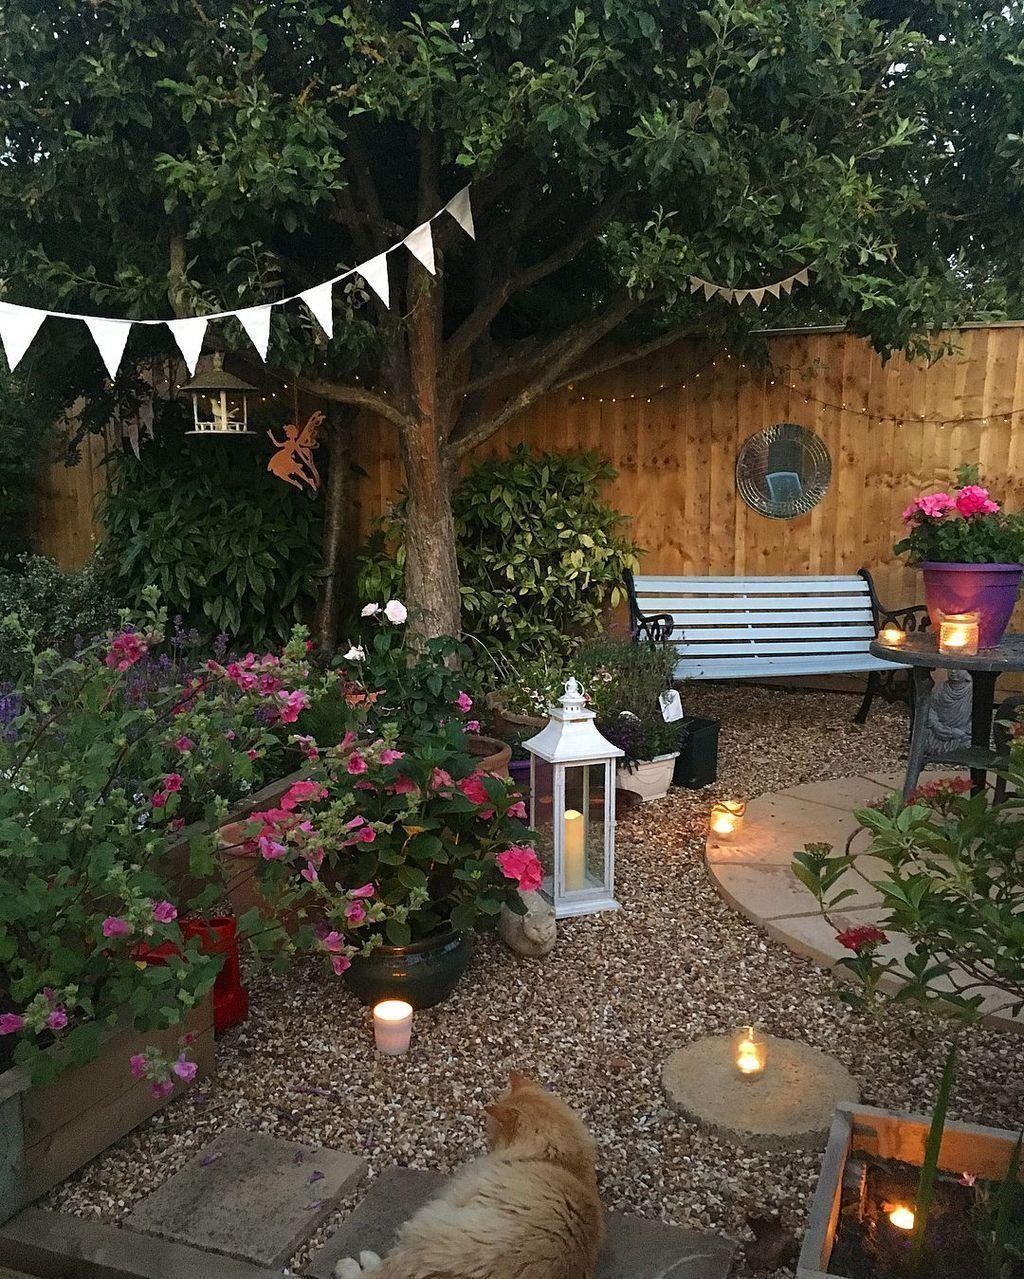 20+ minimalistische Gartengestaltungsideen für kleine Gärten - TRENDUHOME -  – Kleine Gartengestaltungsideen sind nicht einfach zu finden. Das kleine Gartendesign ist einziga - #cottagegardenideas #diygardenvegetable #diysmallgardenideas #für #garten #gartengestaltungsideen #kleine #minimalistische #trenduhome #smallgardenideas